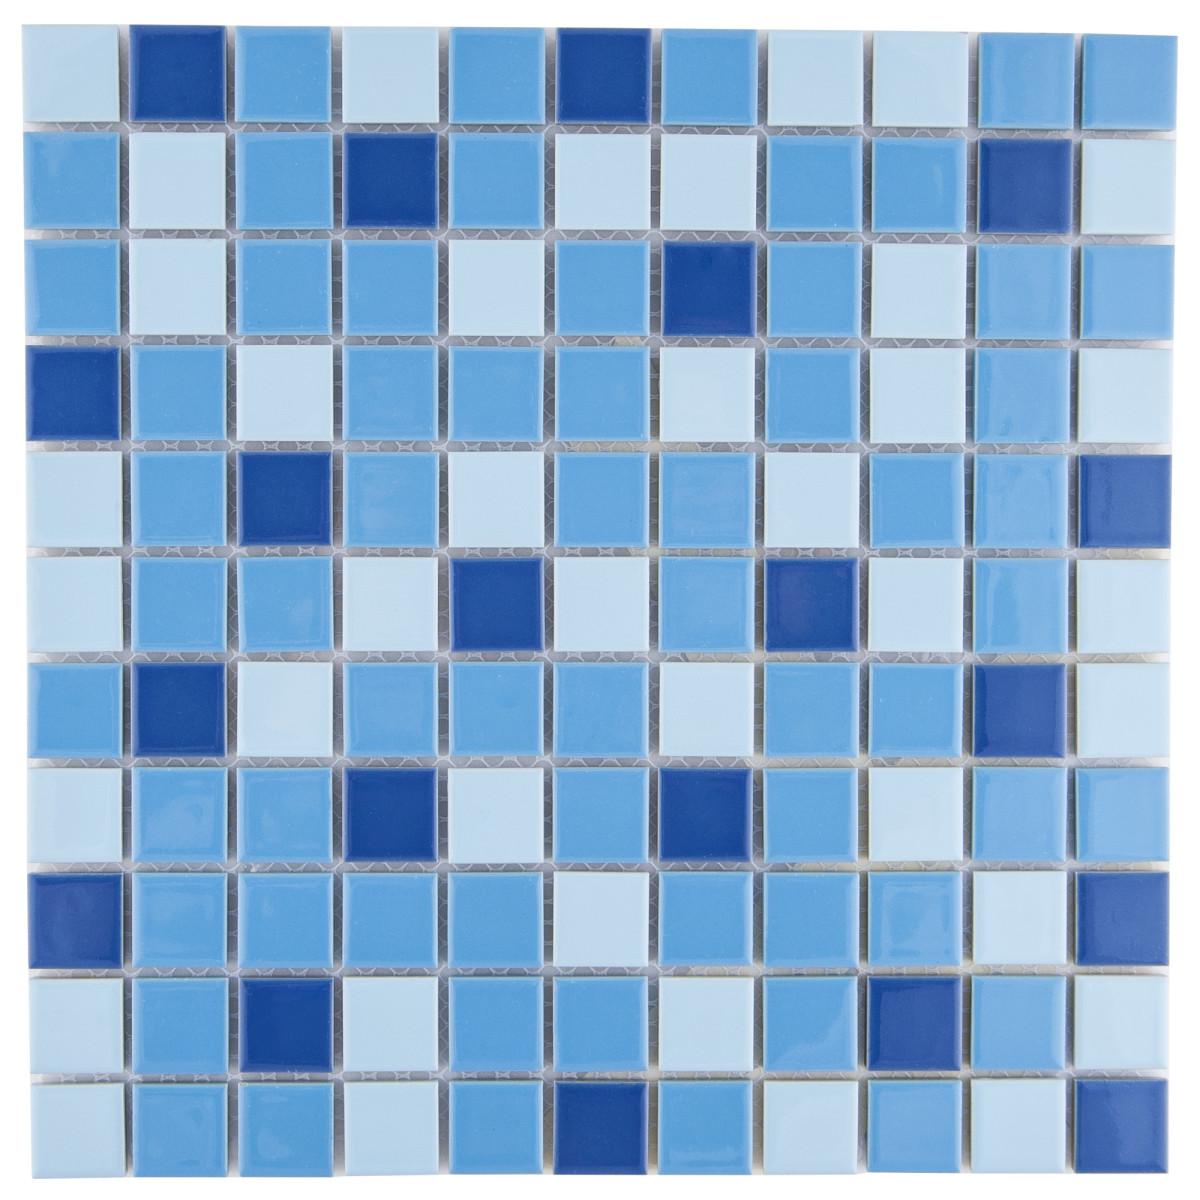 Мозаика Artens 29.7х29.7 см керамика цвет синий